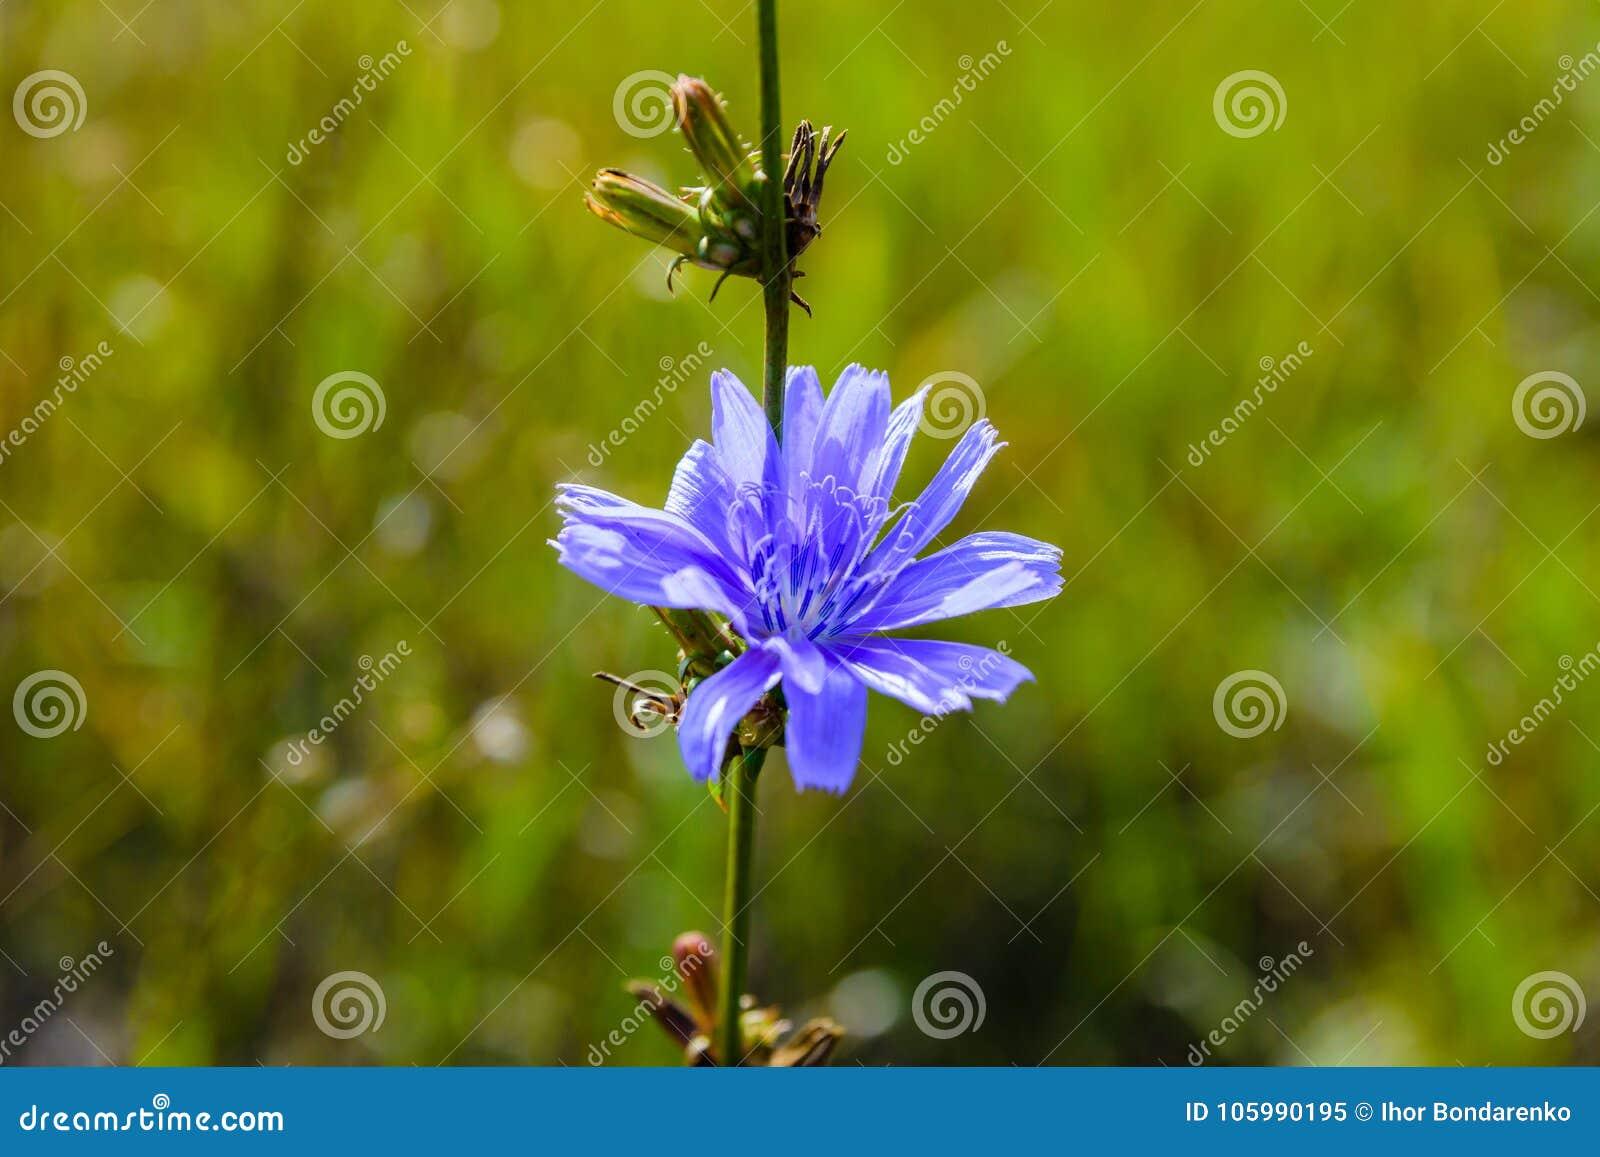 Flor da planta de chicória comum